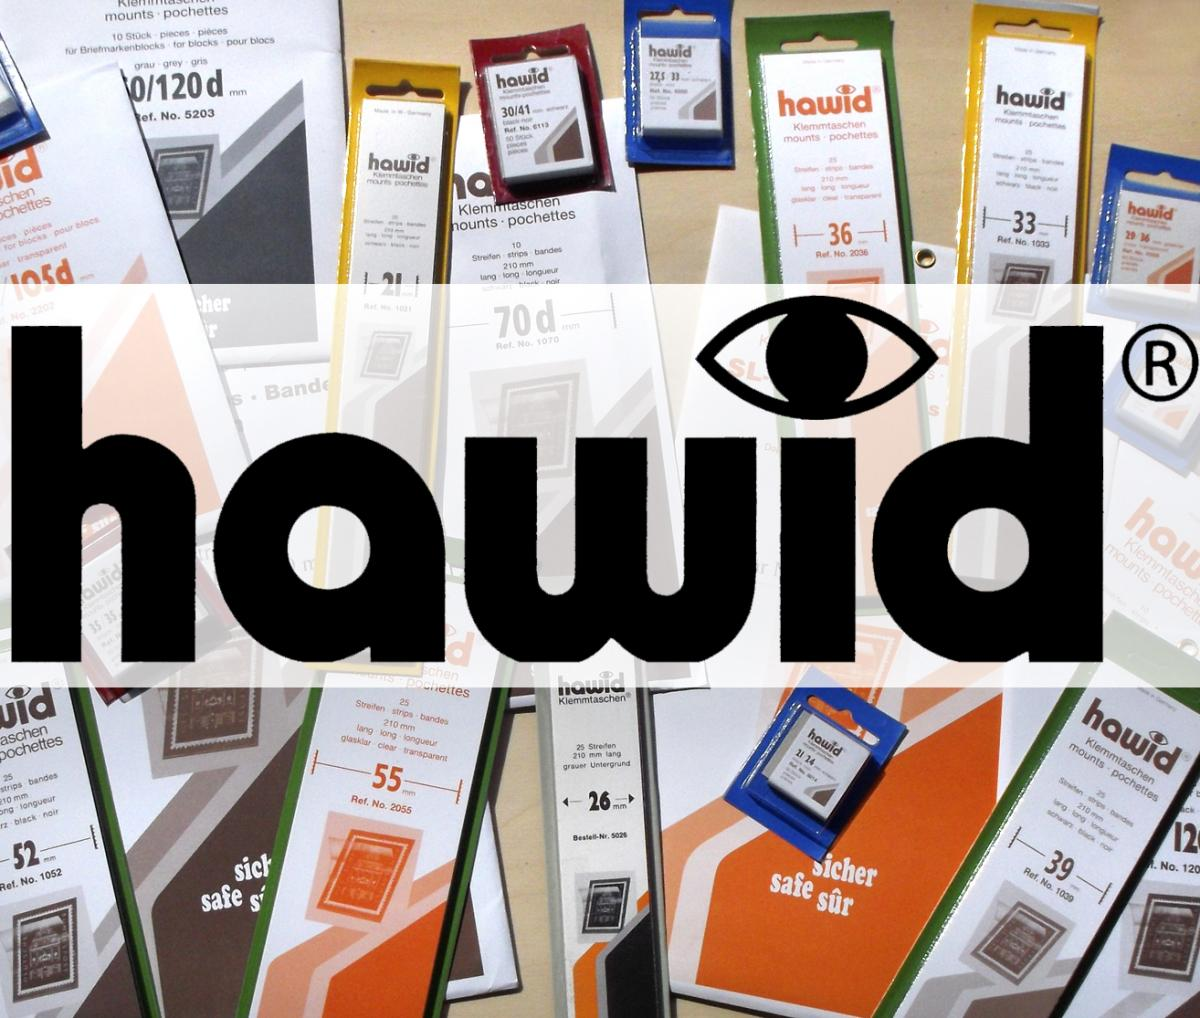 HAWID SL-Streifen 265x130 mm, glasklar, 7 Stück, d* 0